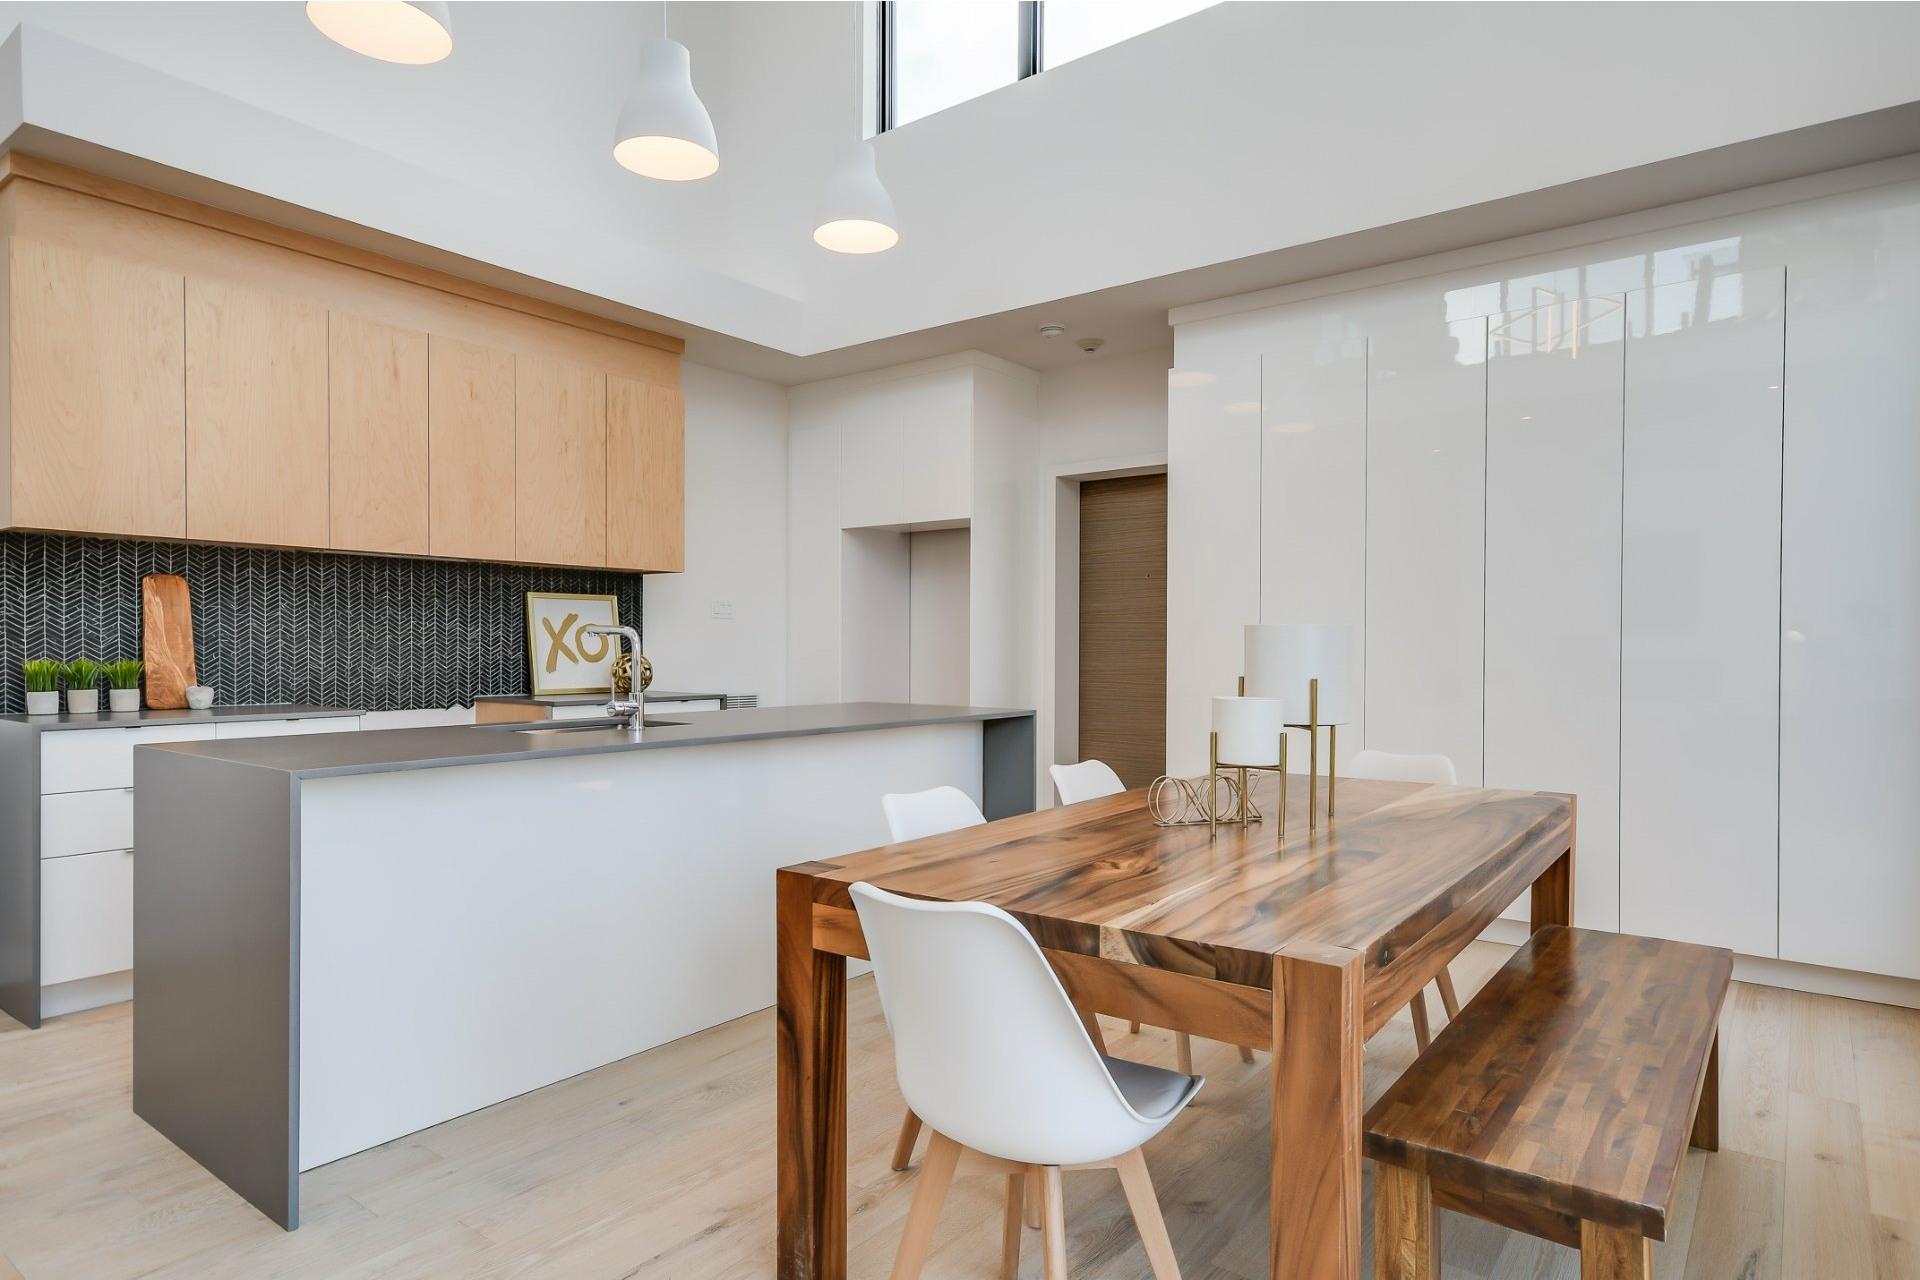 image 11 - Apartment For sale Villeray/Saint-Michel/Parc-Extension Montréal  - 7 rooms